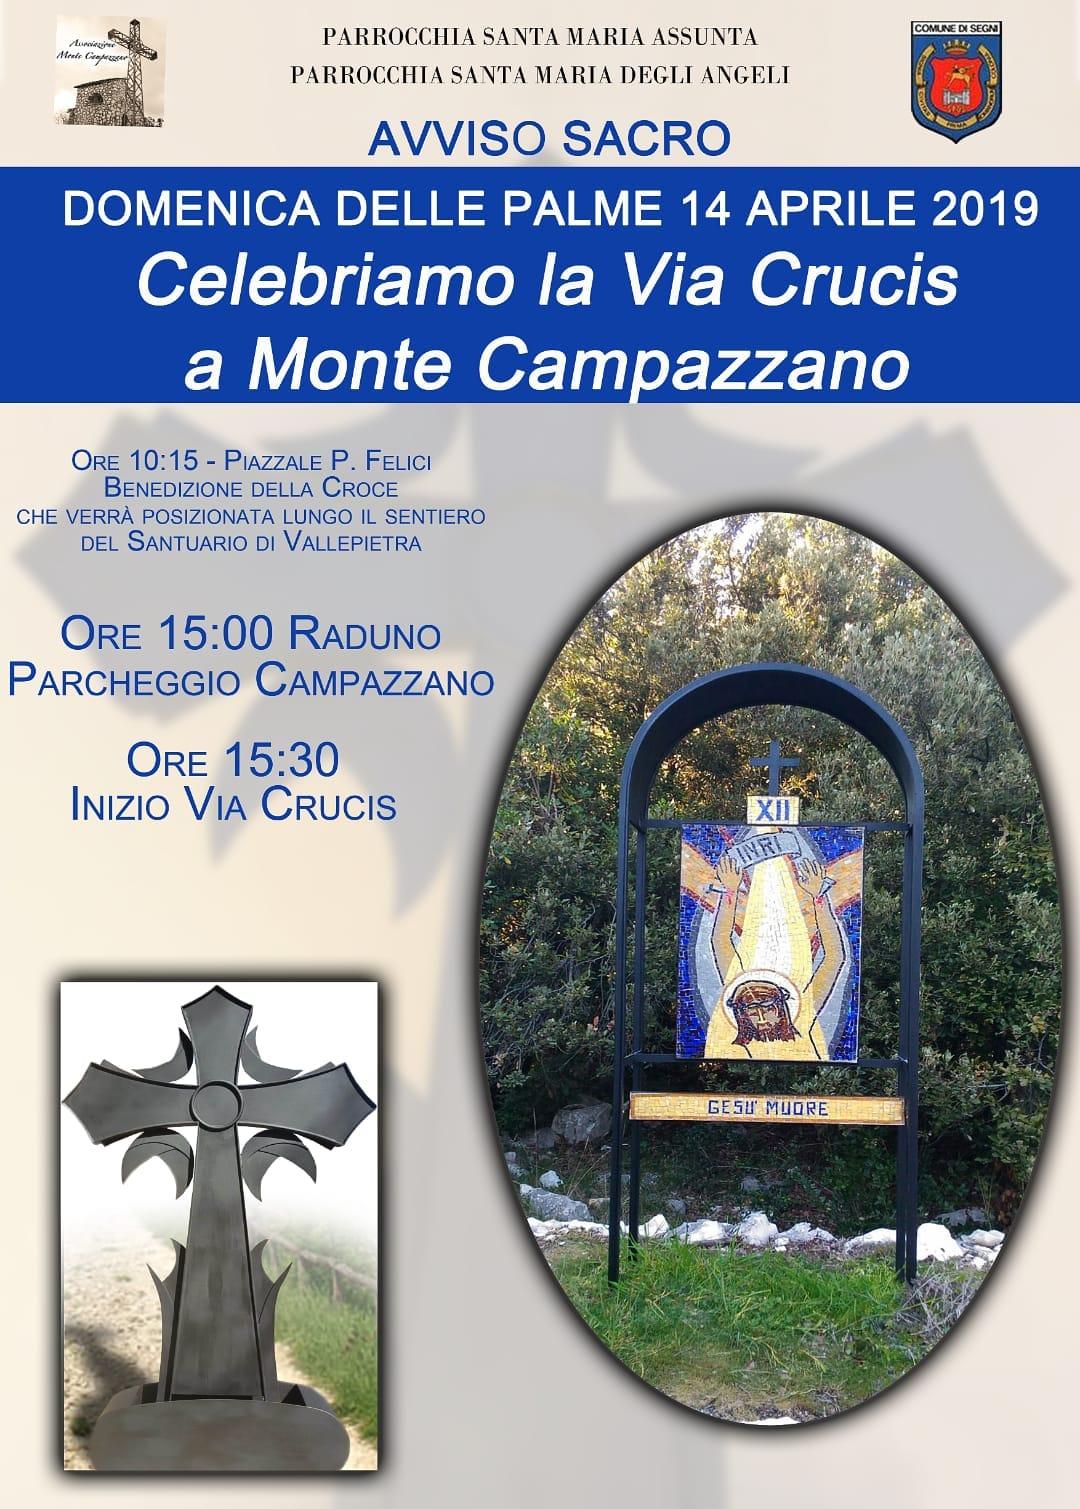 Segni: Celebriamo la Via Crucis a Monte Campazzano @ piazzale P. Felici | Lazio | Italia